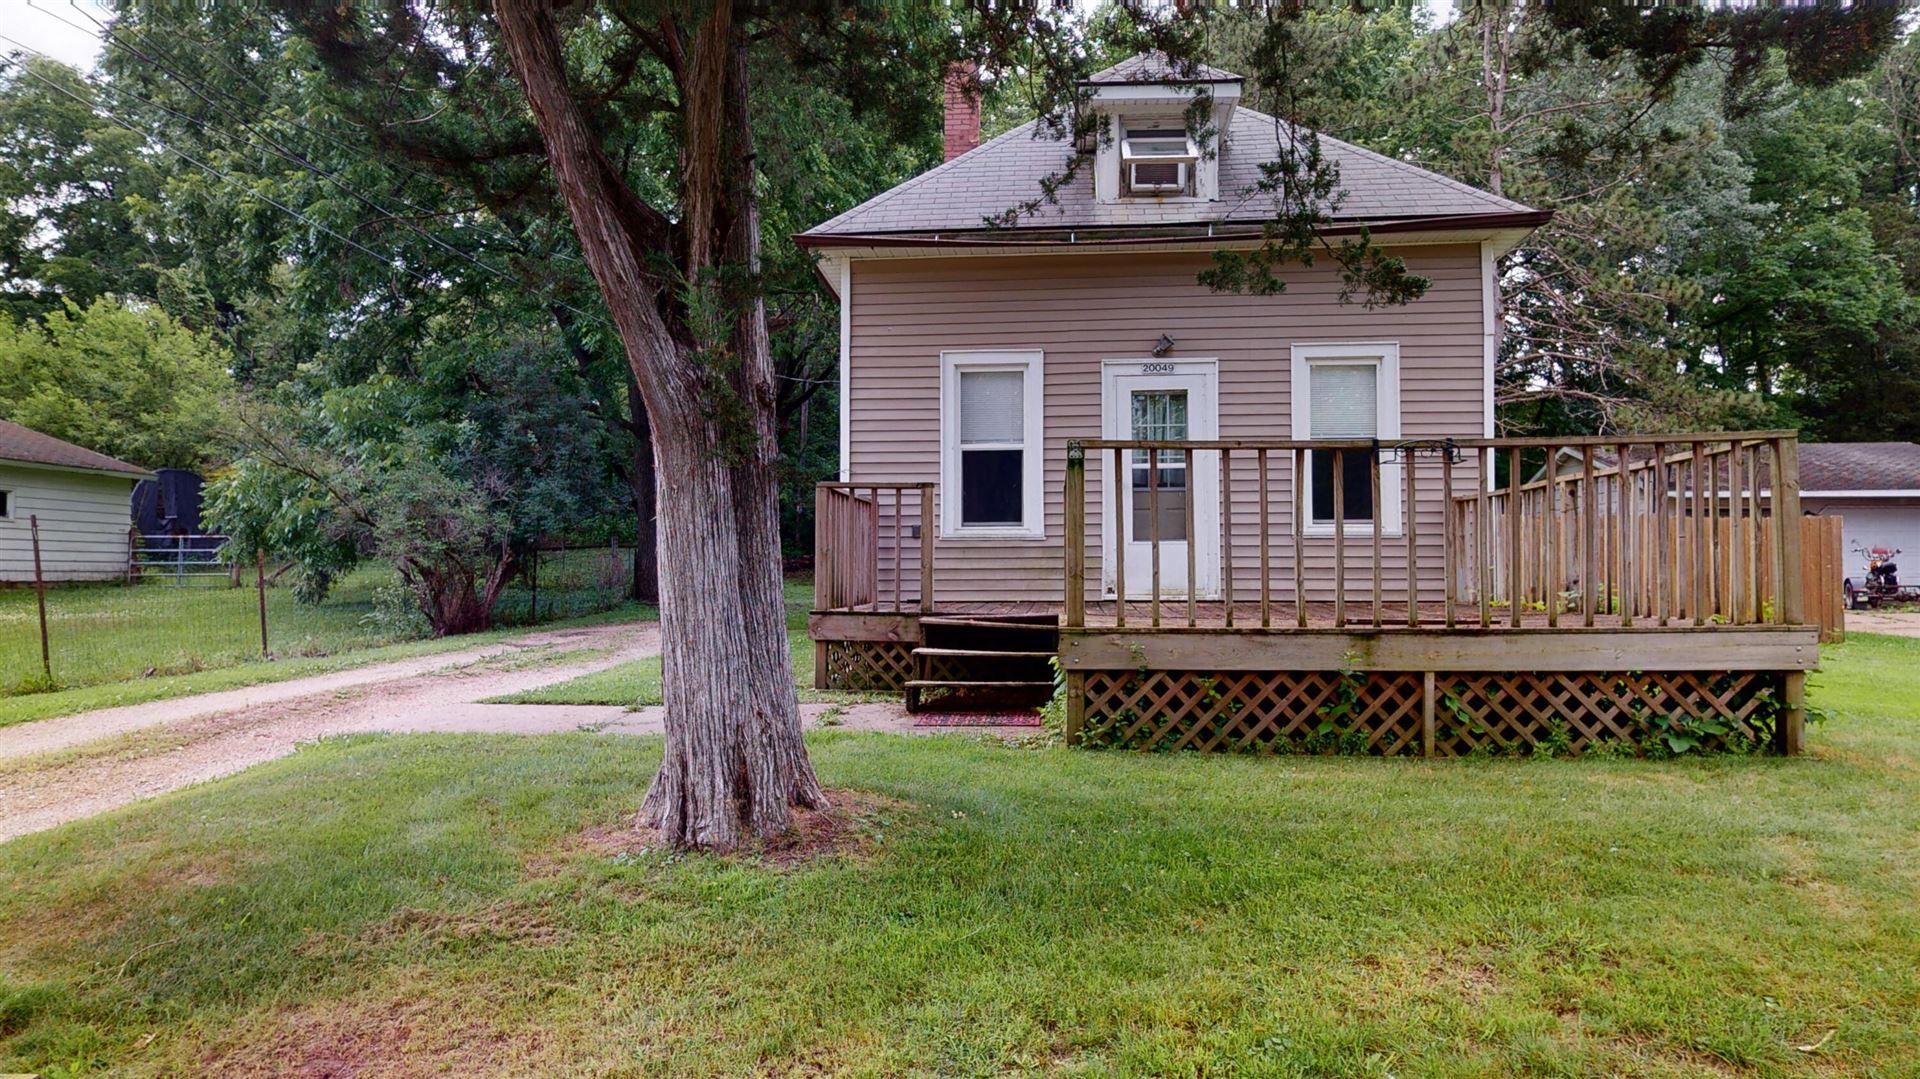 20049 Harris Rd, Galesville, WI 54630 - MLS#: 1749508